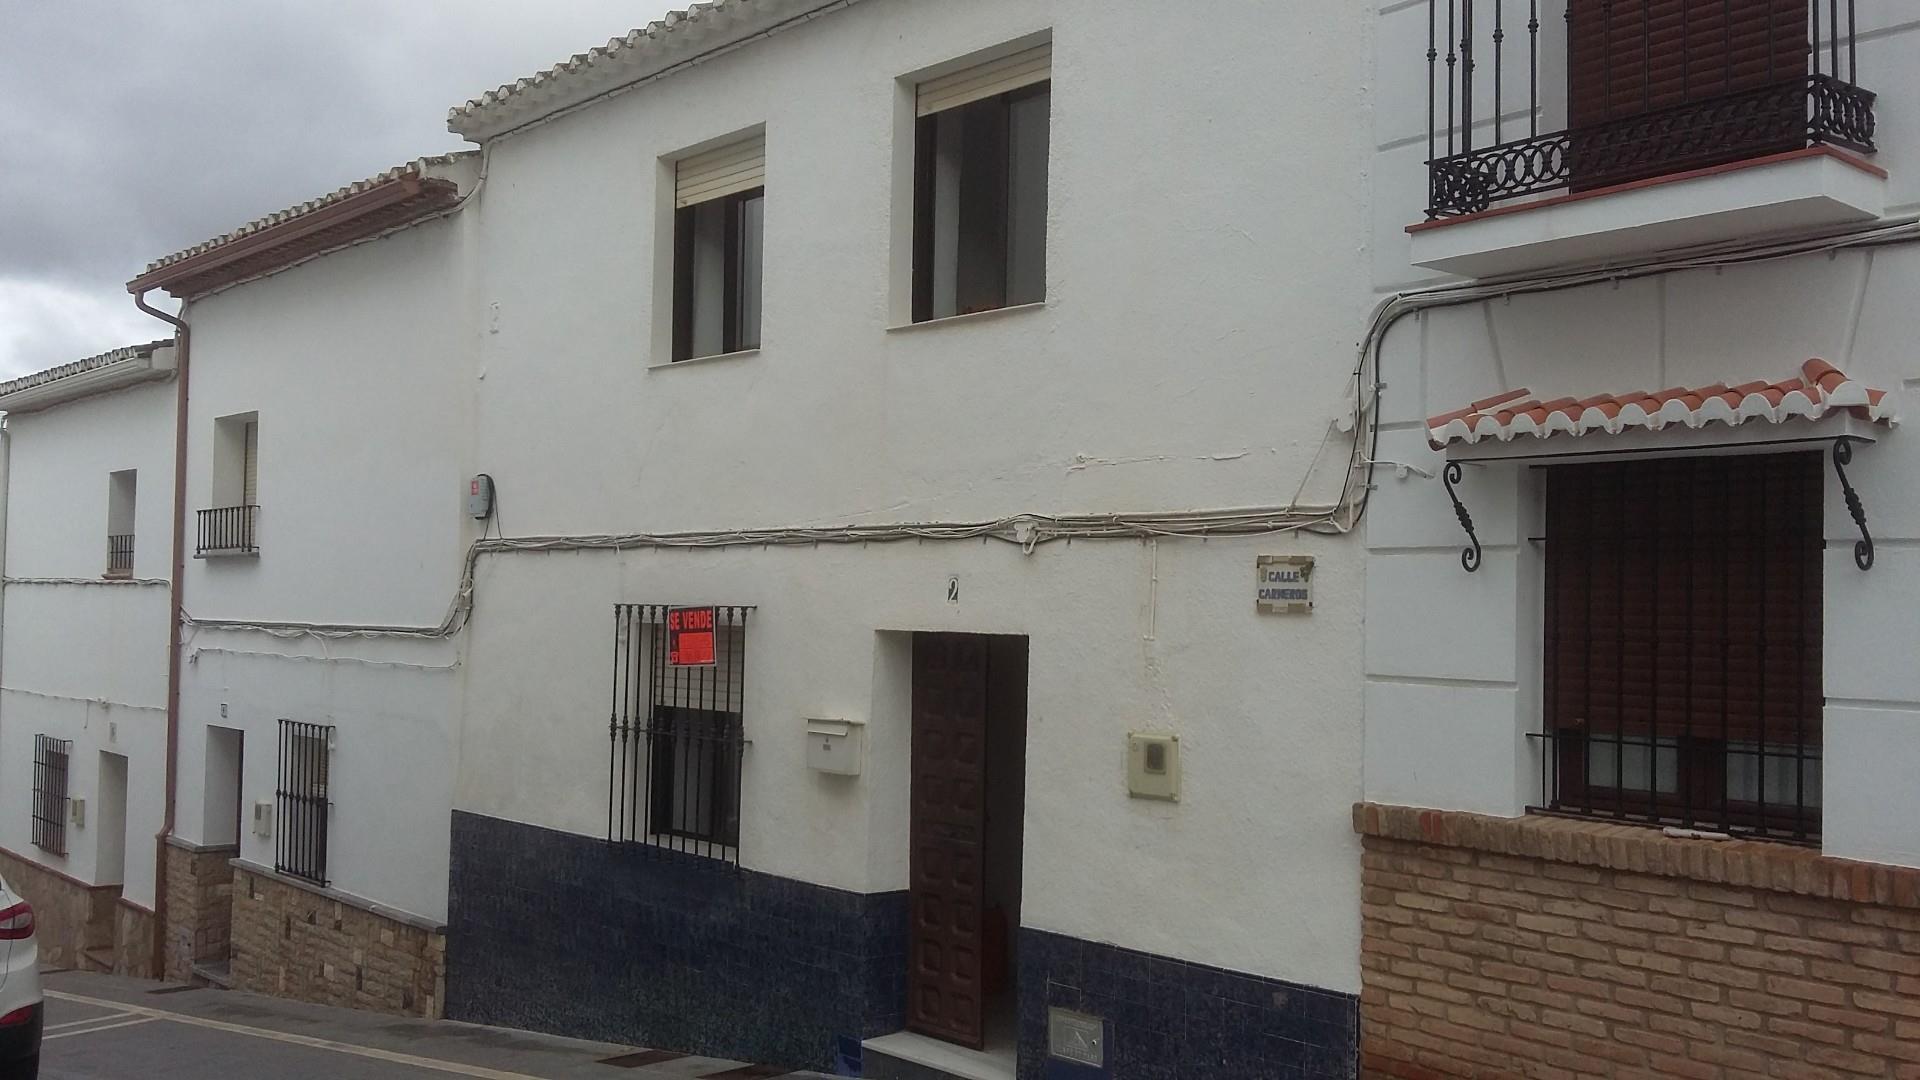 Casa adosada en Calle Calle Carnero, 2, Villanueva del Rosario (Villanueva del Rosario, Málaga)